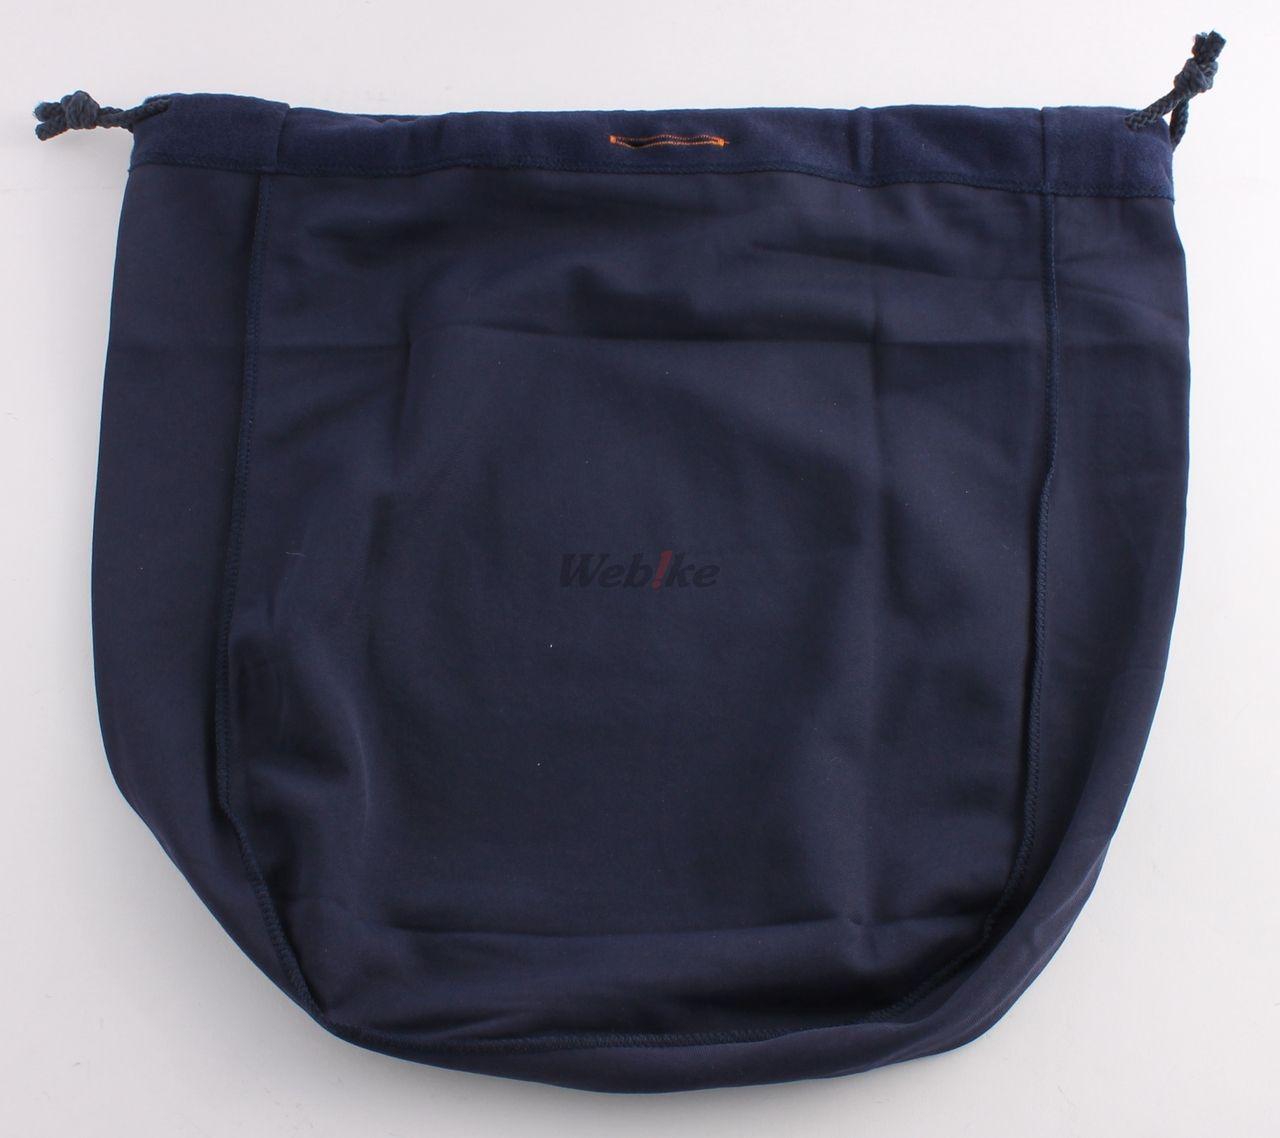 【Arai】安全帽袋 - 「Webike-摩托百貨」